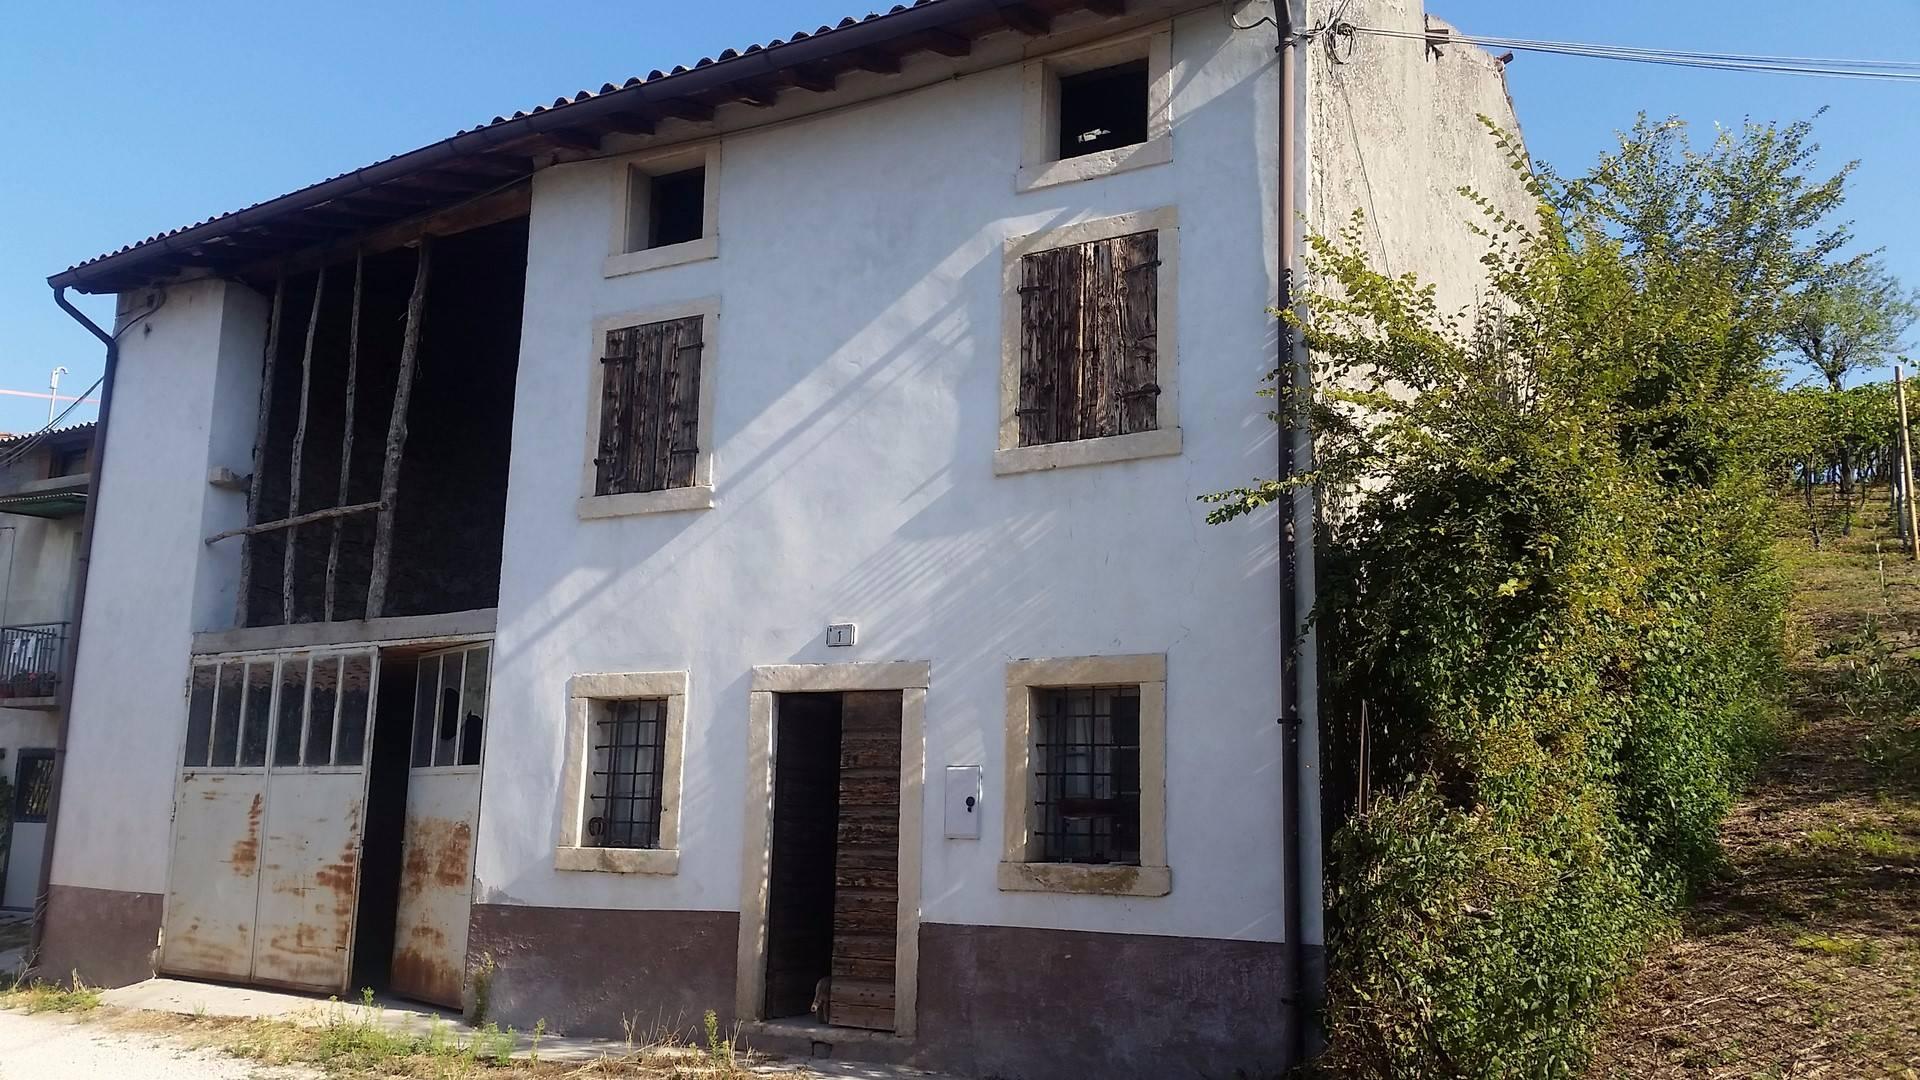 Rustico / Casale in vendita a Cazzano di Tramigna, 10 locali, prezzo € 55.000 | CambioCasa.it